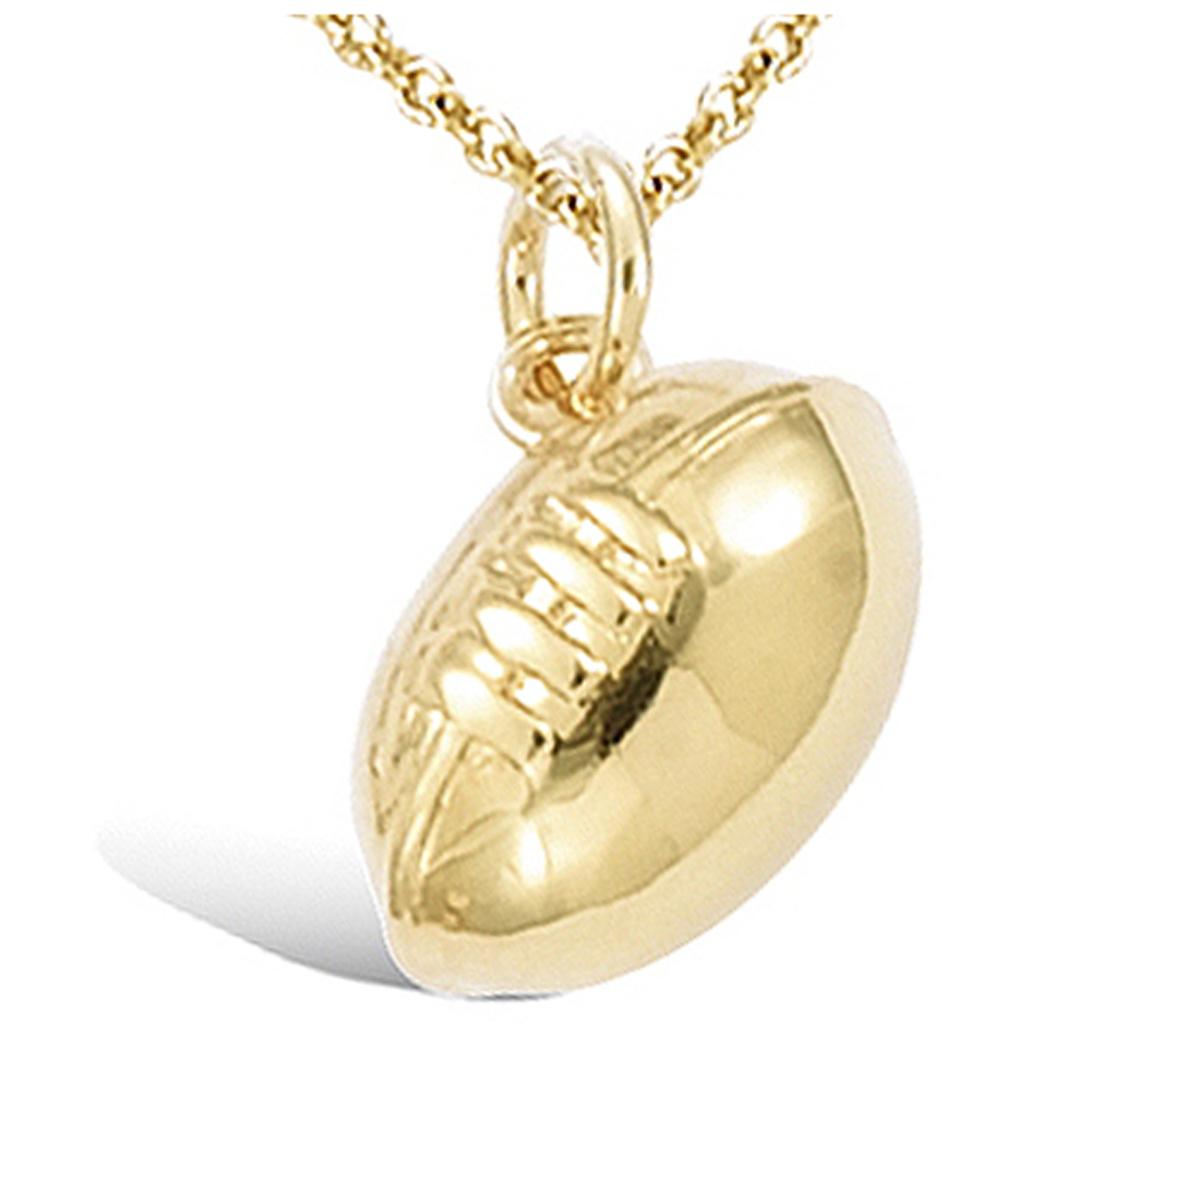 Pendentif plaqué or \'Rugby Ball\' doré - 14x9x8 mm - [R5143]